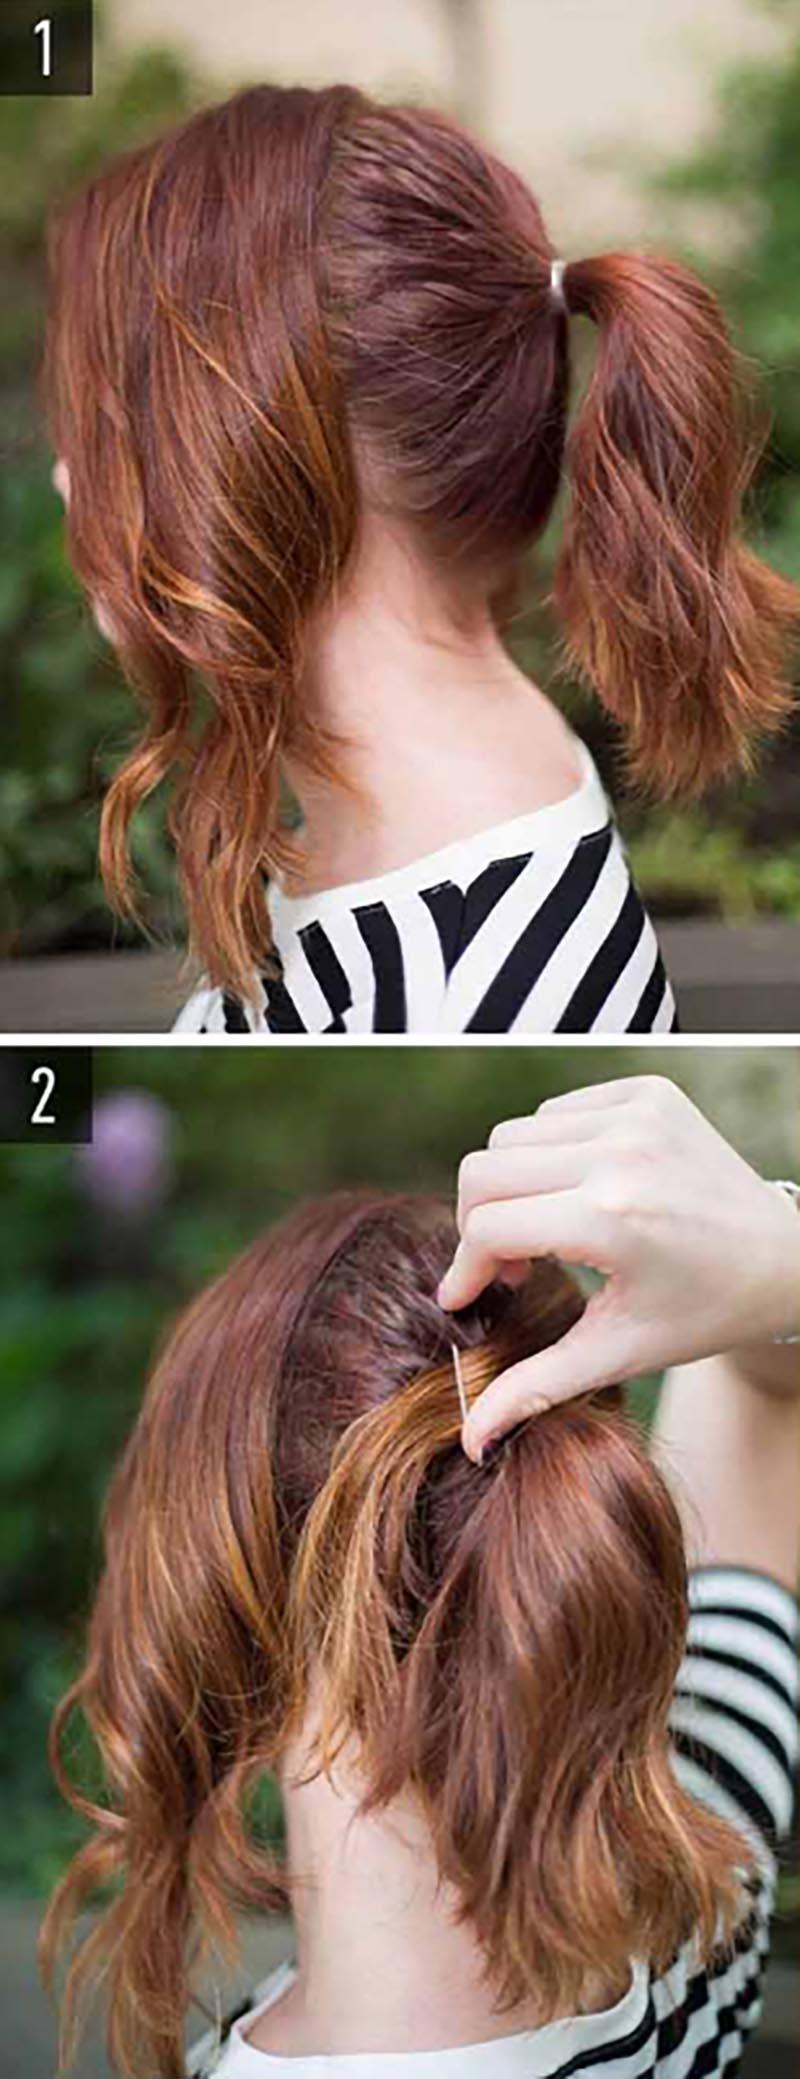 Kiểu tóc đuôi ngựa cổ điển